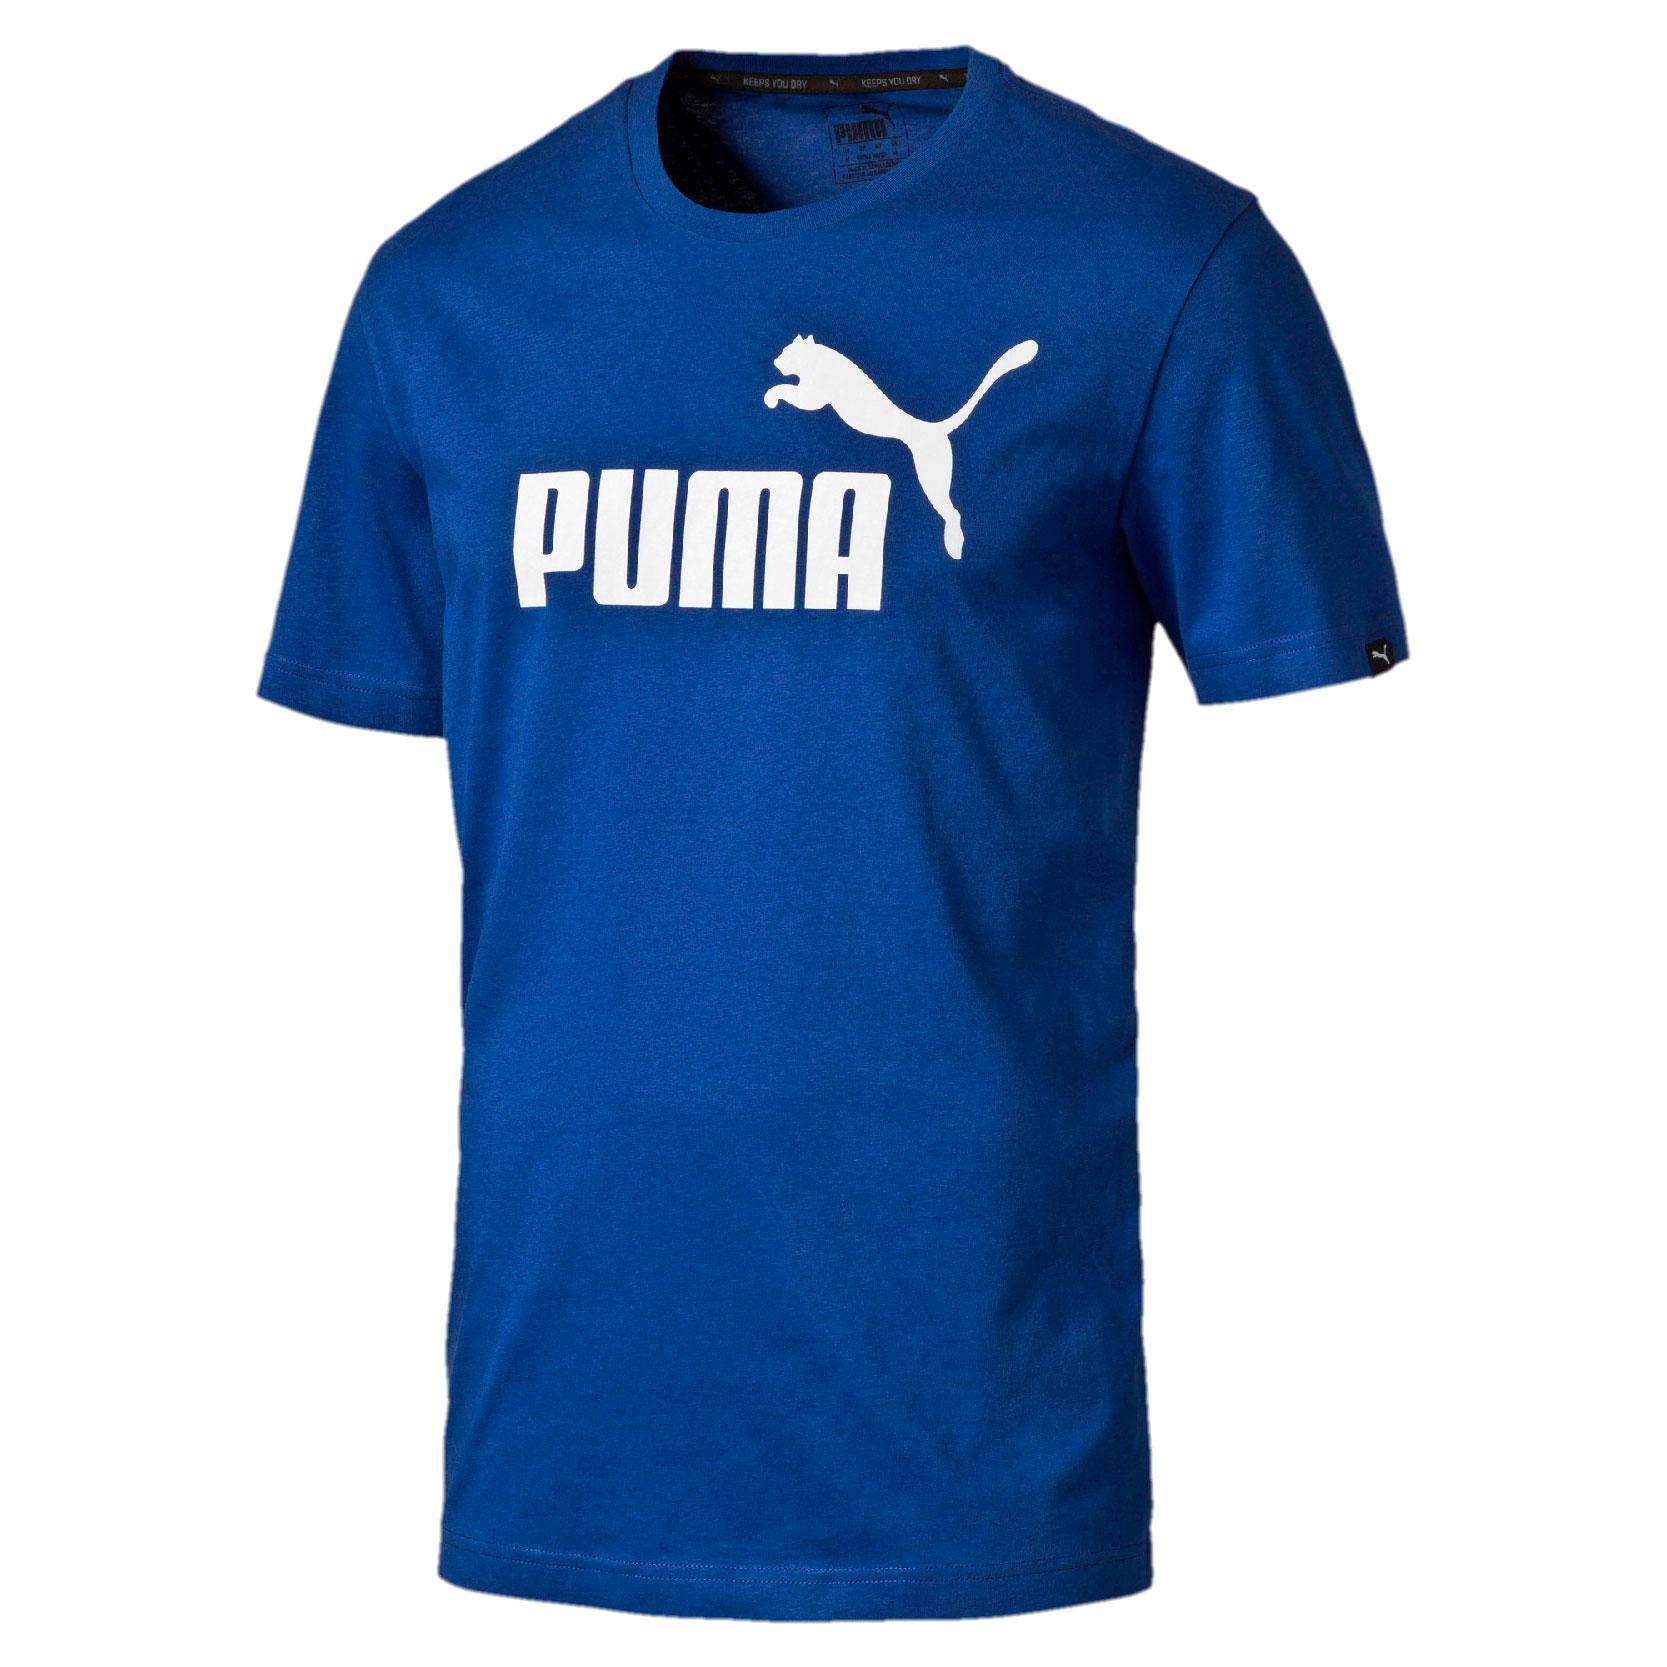 PUMA Men's ESS No.1 Tee Mazarine Blue Shirt 838241-11